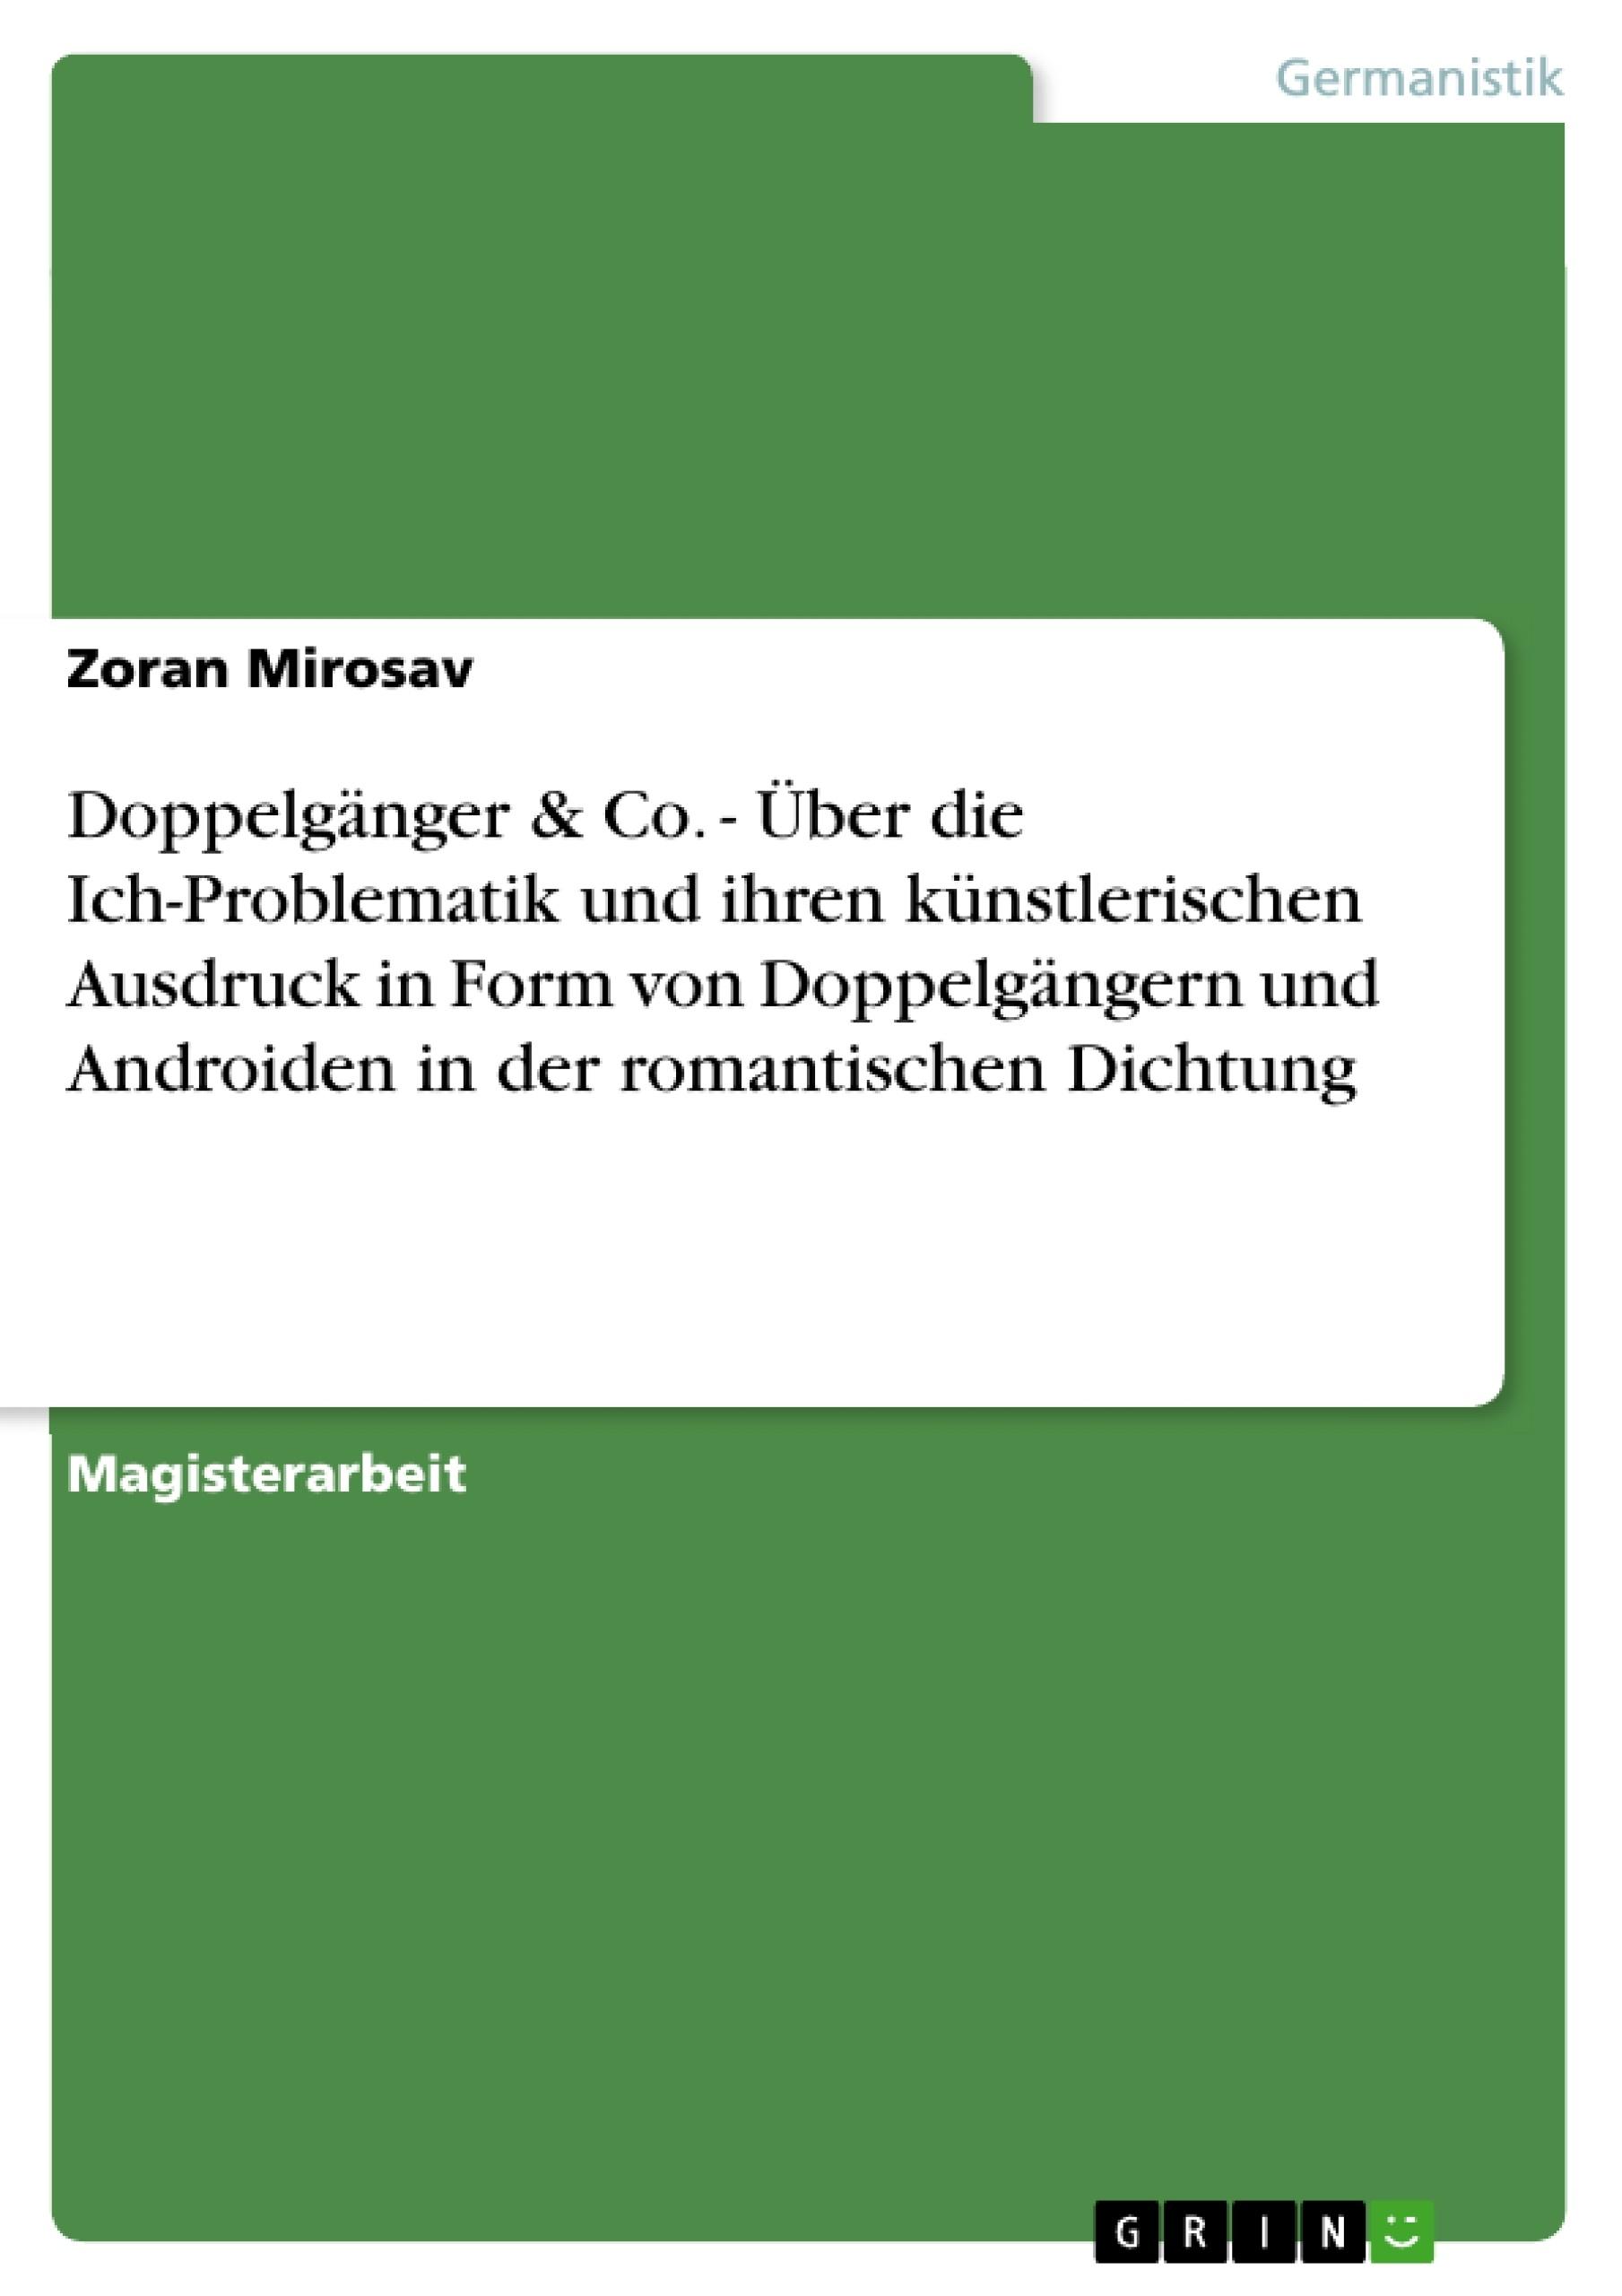 Titel: Doppelgänger & Co. - Über die Ich-Problematik und ihren künstlerischen Ausdruck in Form von Doppelgängern und Androiden in der romantischen Dichtung